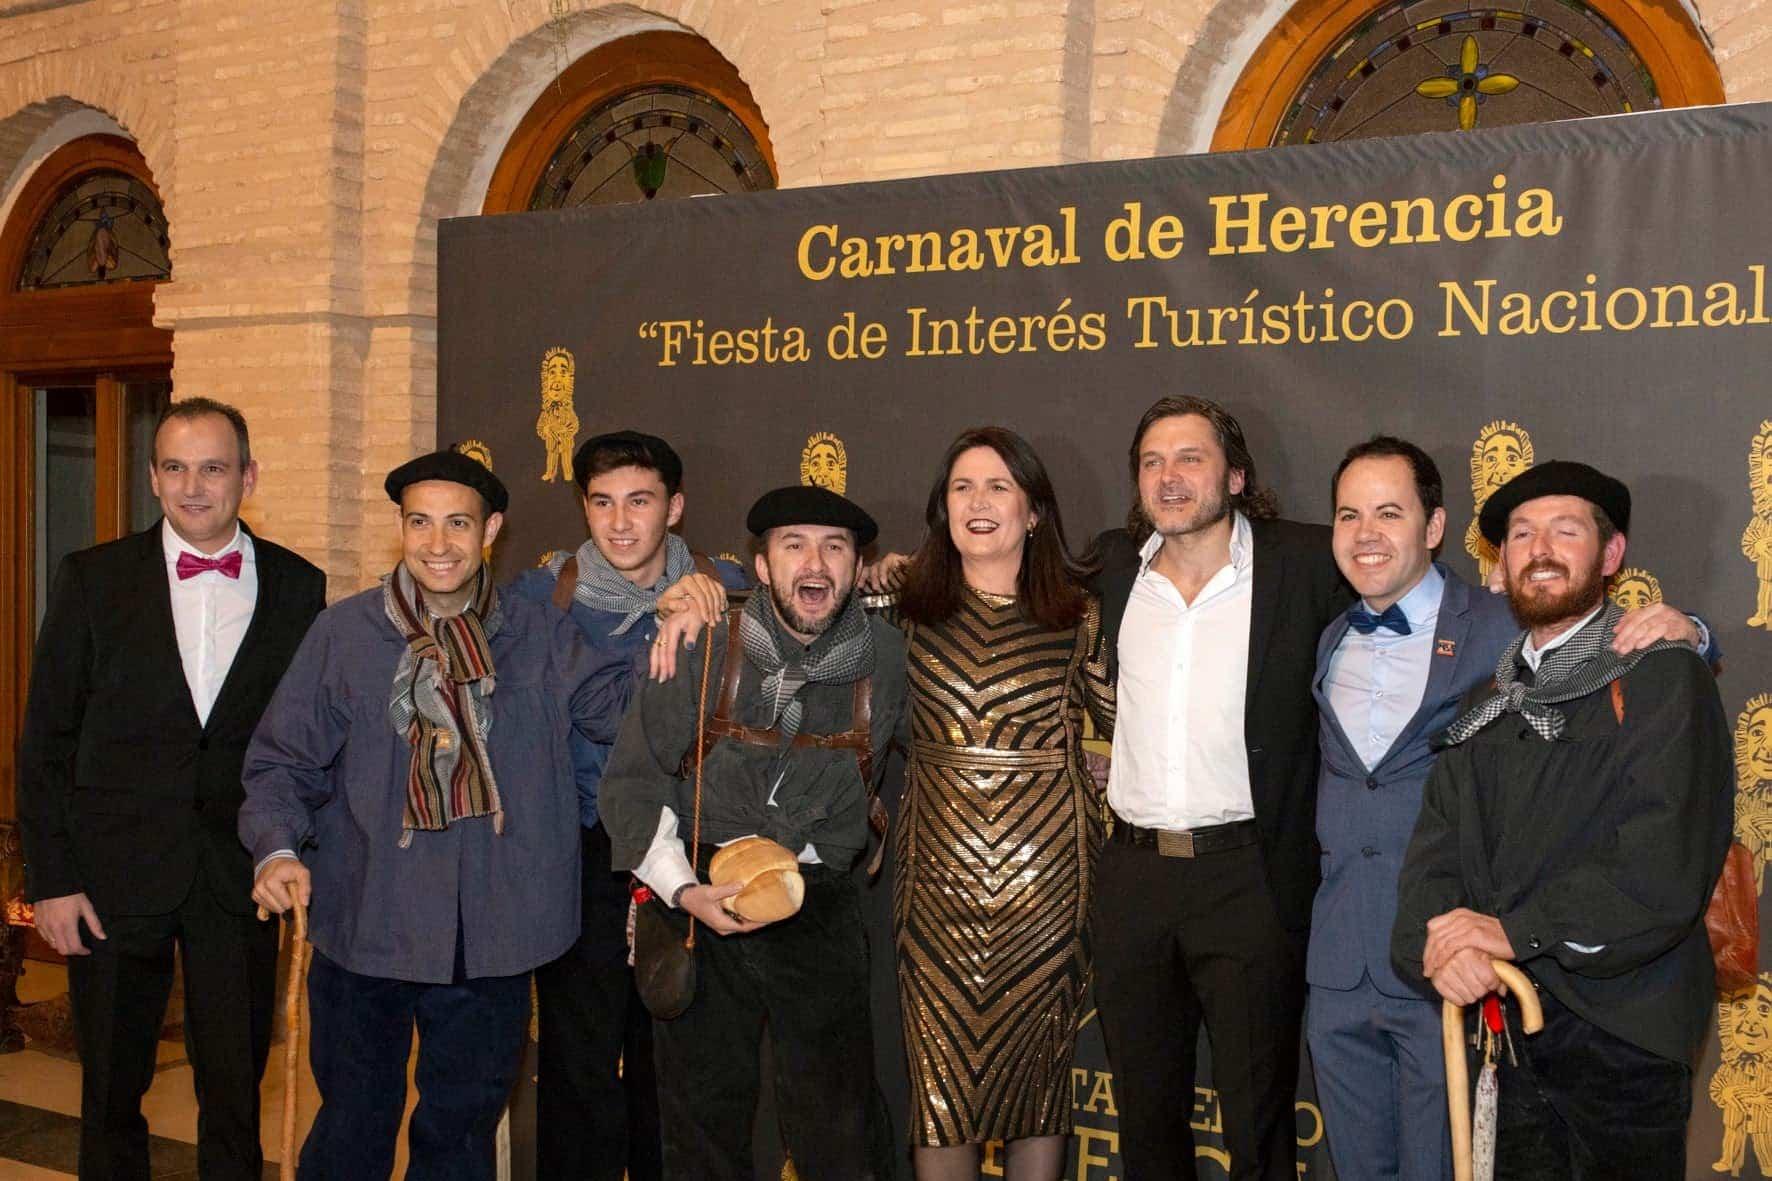 Inauguración del Carnaval de Herencia 2020 127